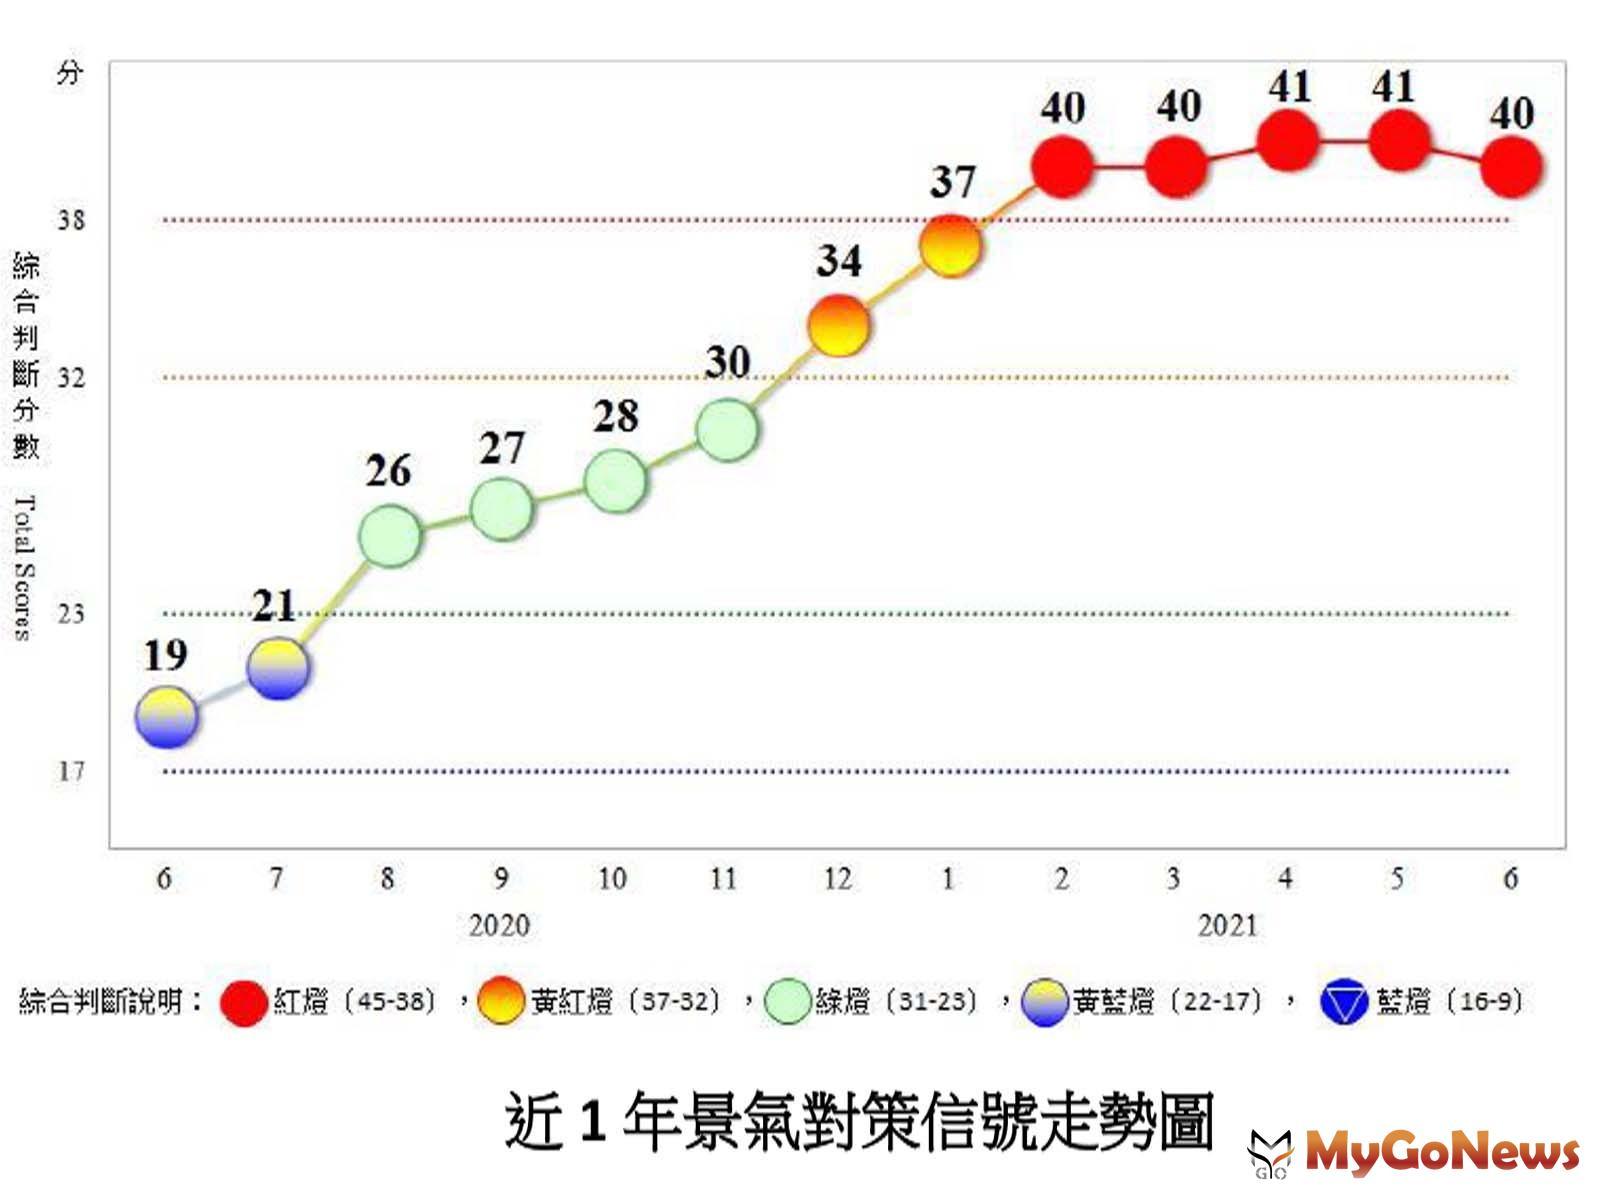 6月景氣對策信號,顯示景氣暫時受疫情因素干擾,須密切關注後續發展(圖/國發會) MyGoNews房地產新聞 市場快訊